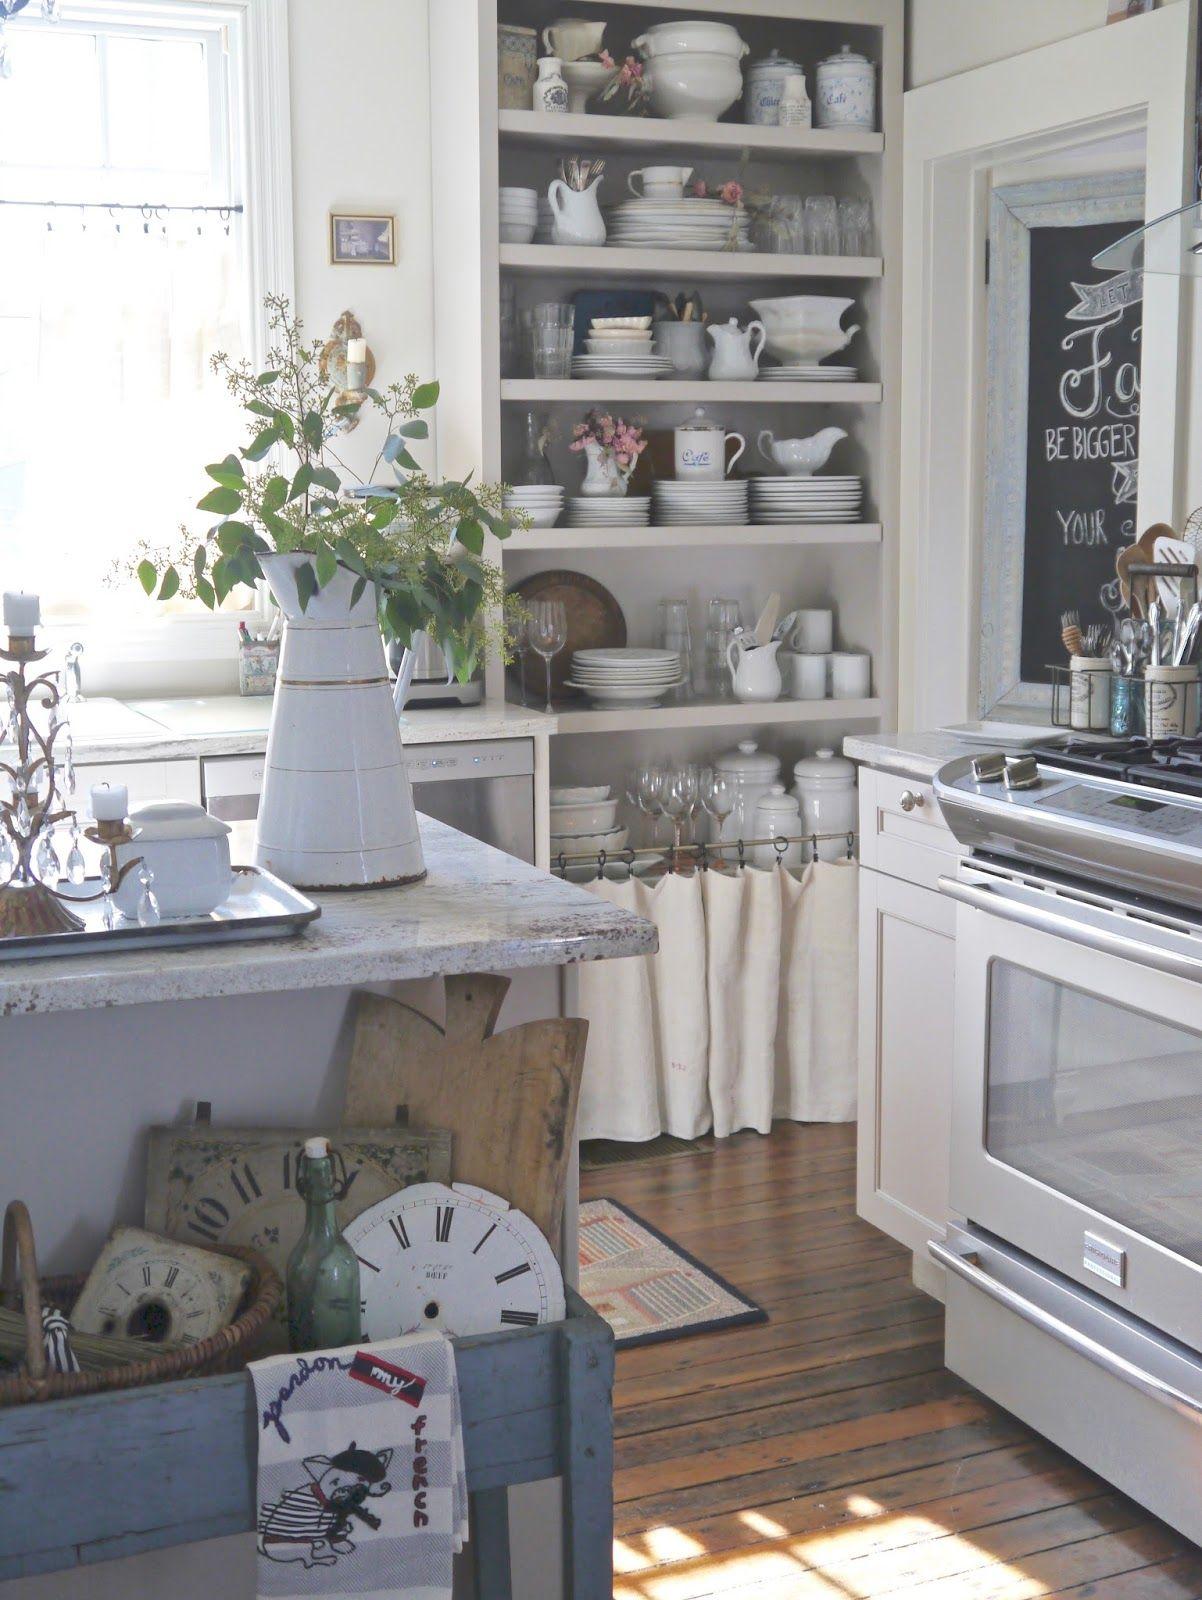 Pin von Erika Convivere auf Inspiration Cuisine | Pinterest ...